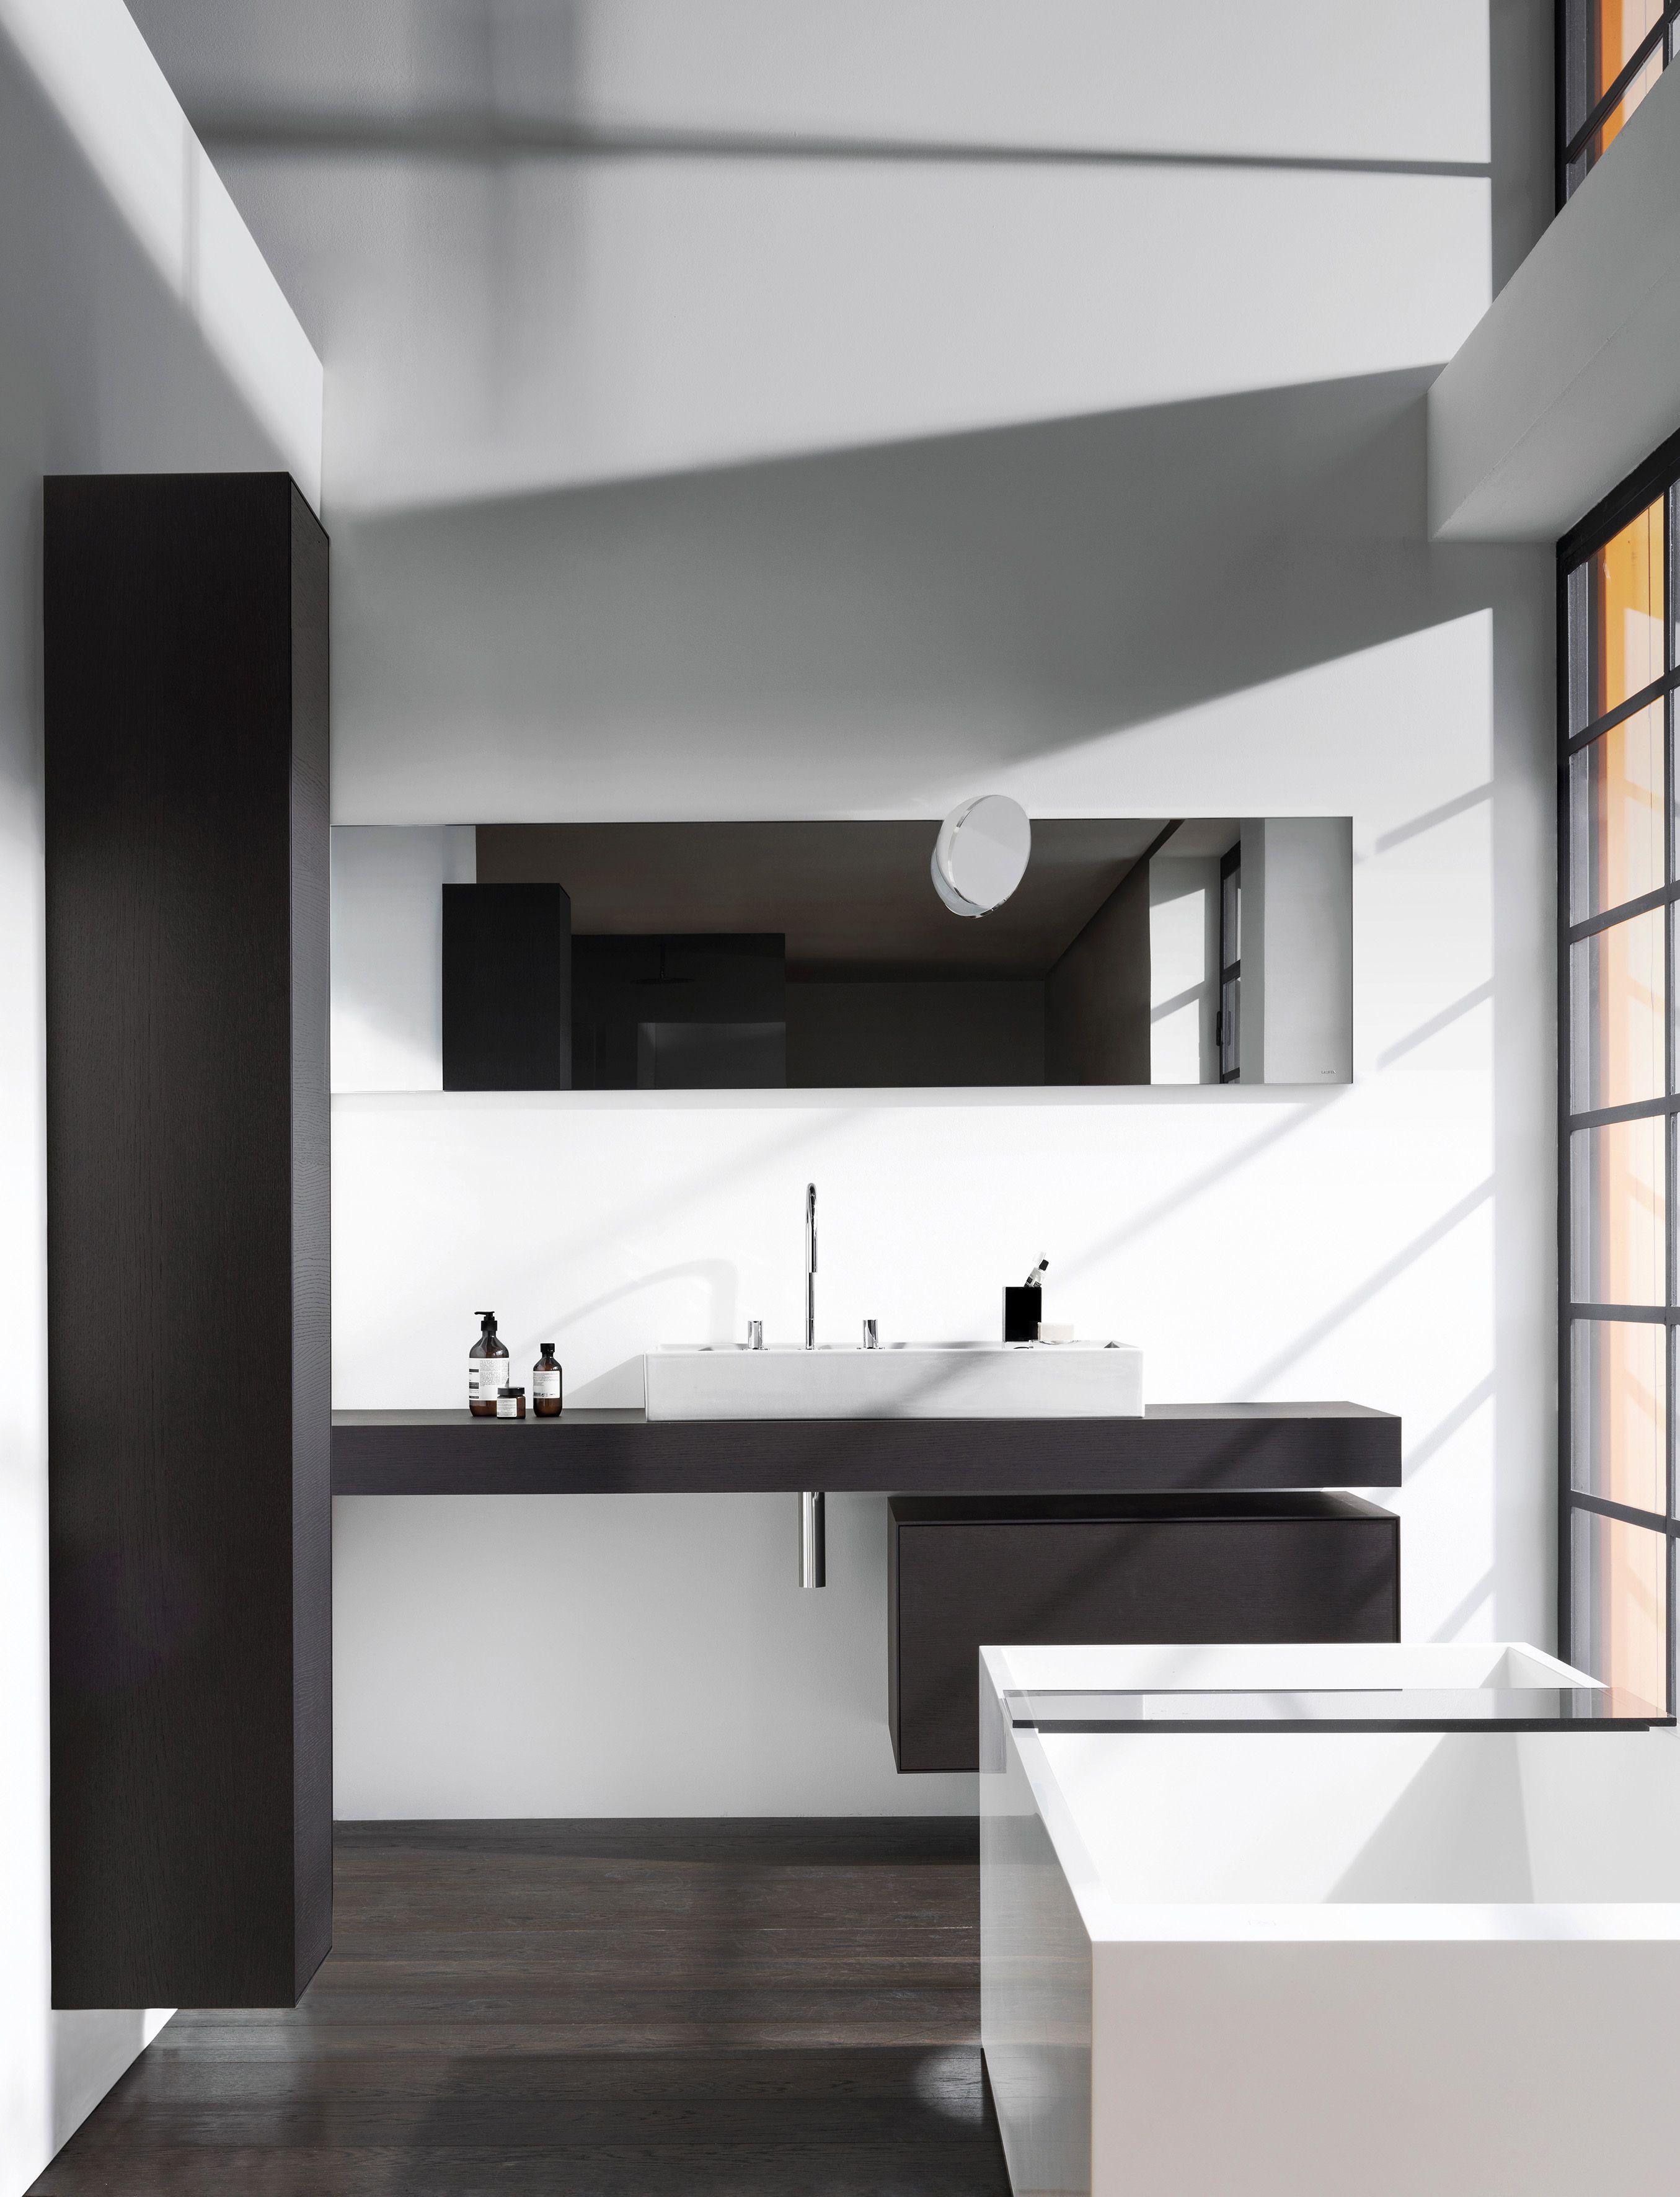 Laufen Kartell Waschtisch 2 Hahnl Cher Ohne Berlauf Ablage Rechts 600x460 Badezimmerideen Waschtisch Und Badezimmer Waschbecken